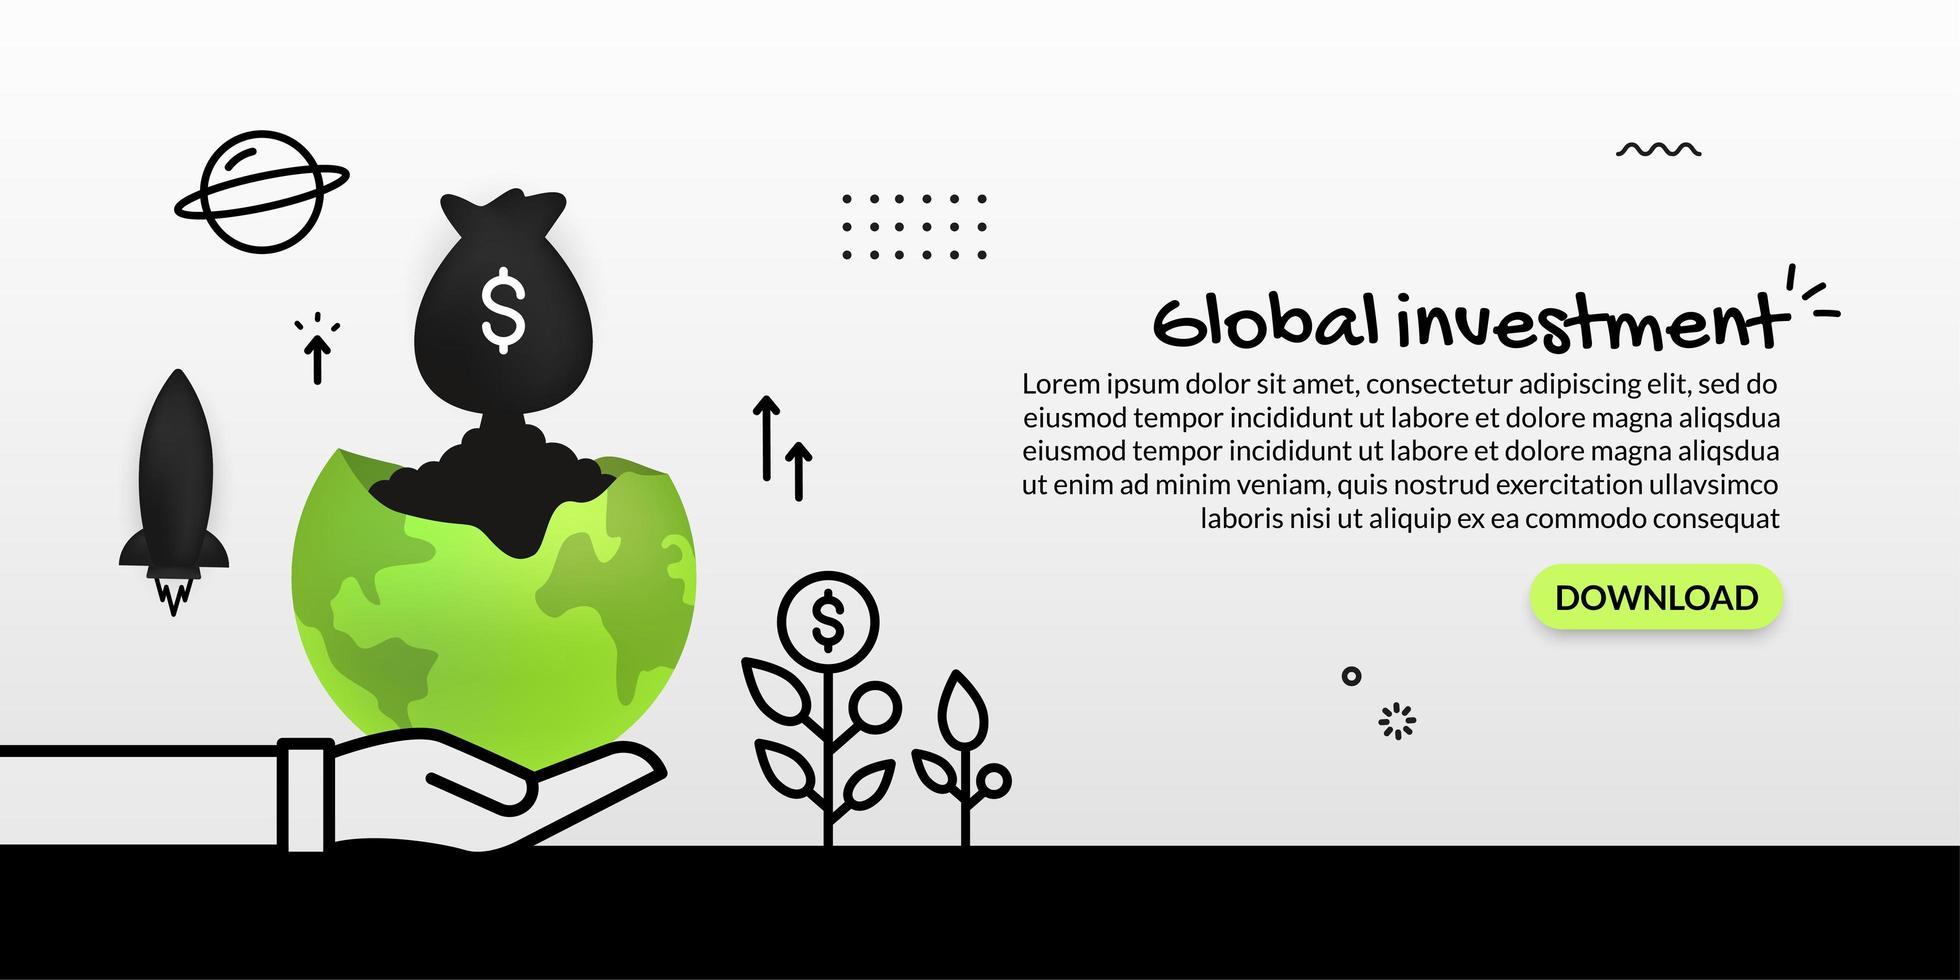 geldzak lancering uit planeet investeringsconcept vector